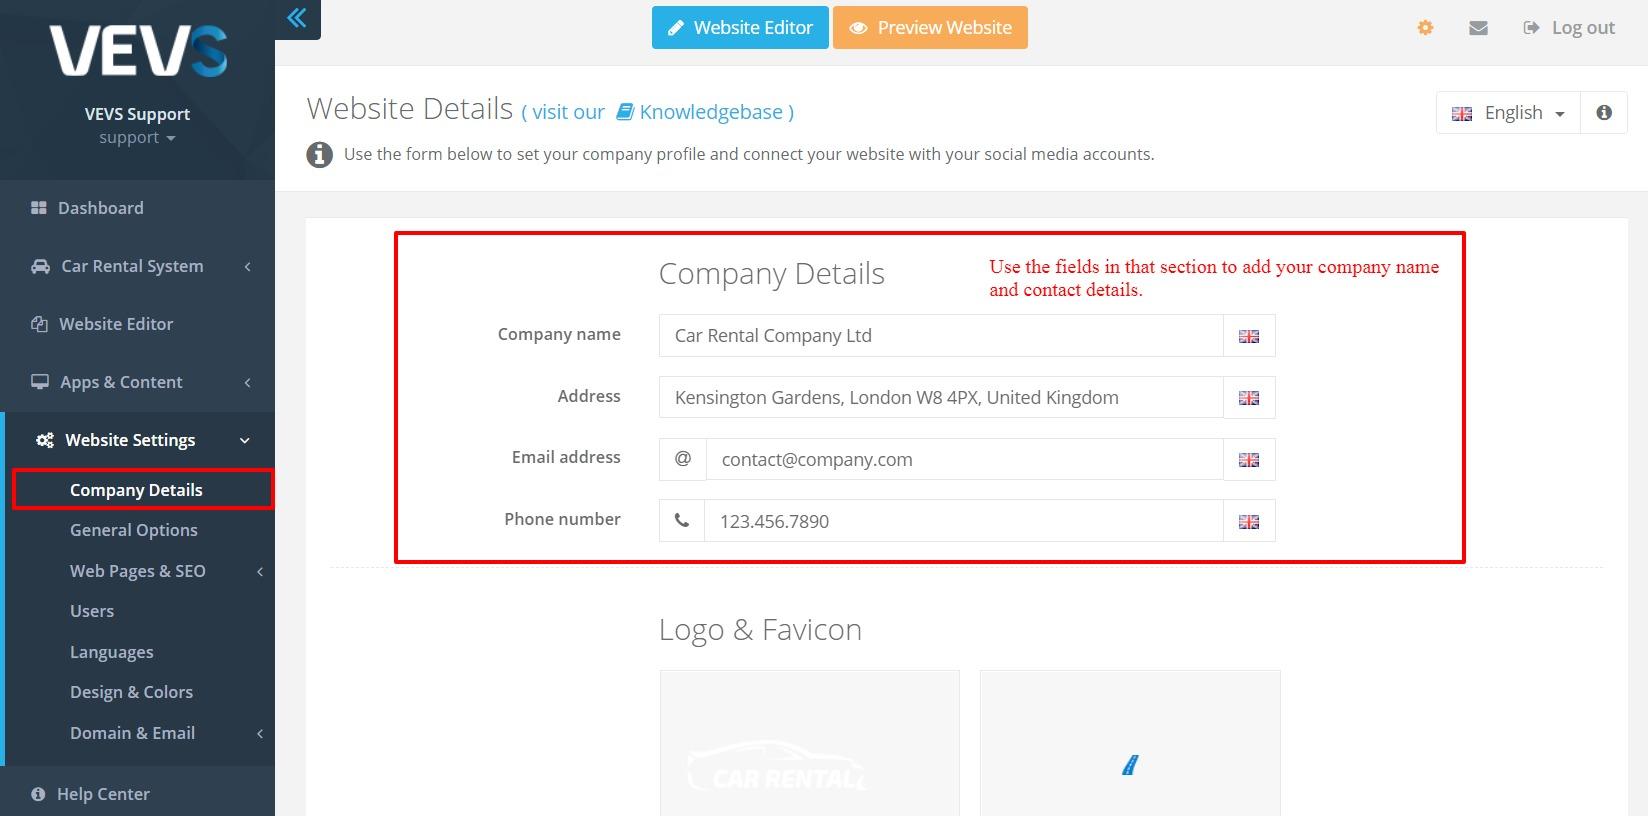 VEVS Website Builder - manage company details